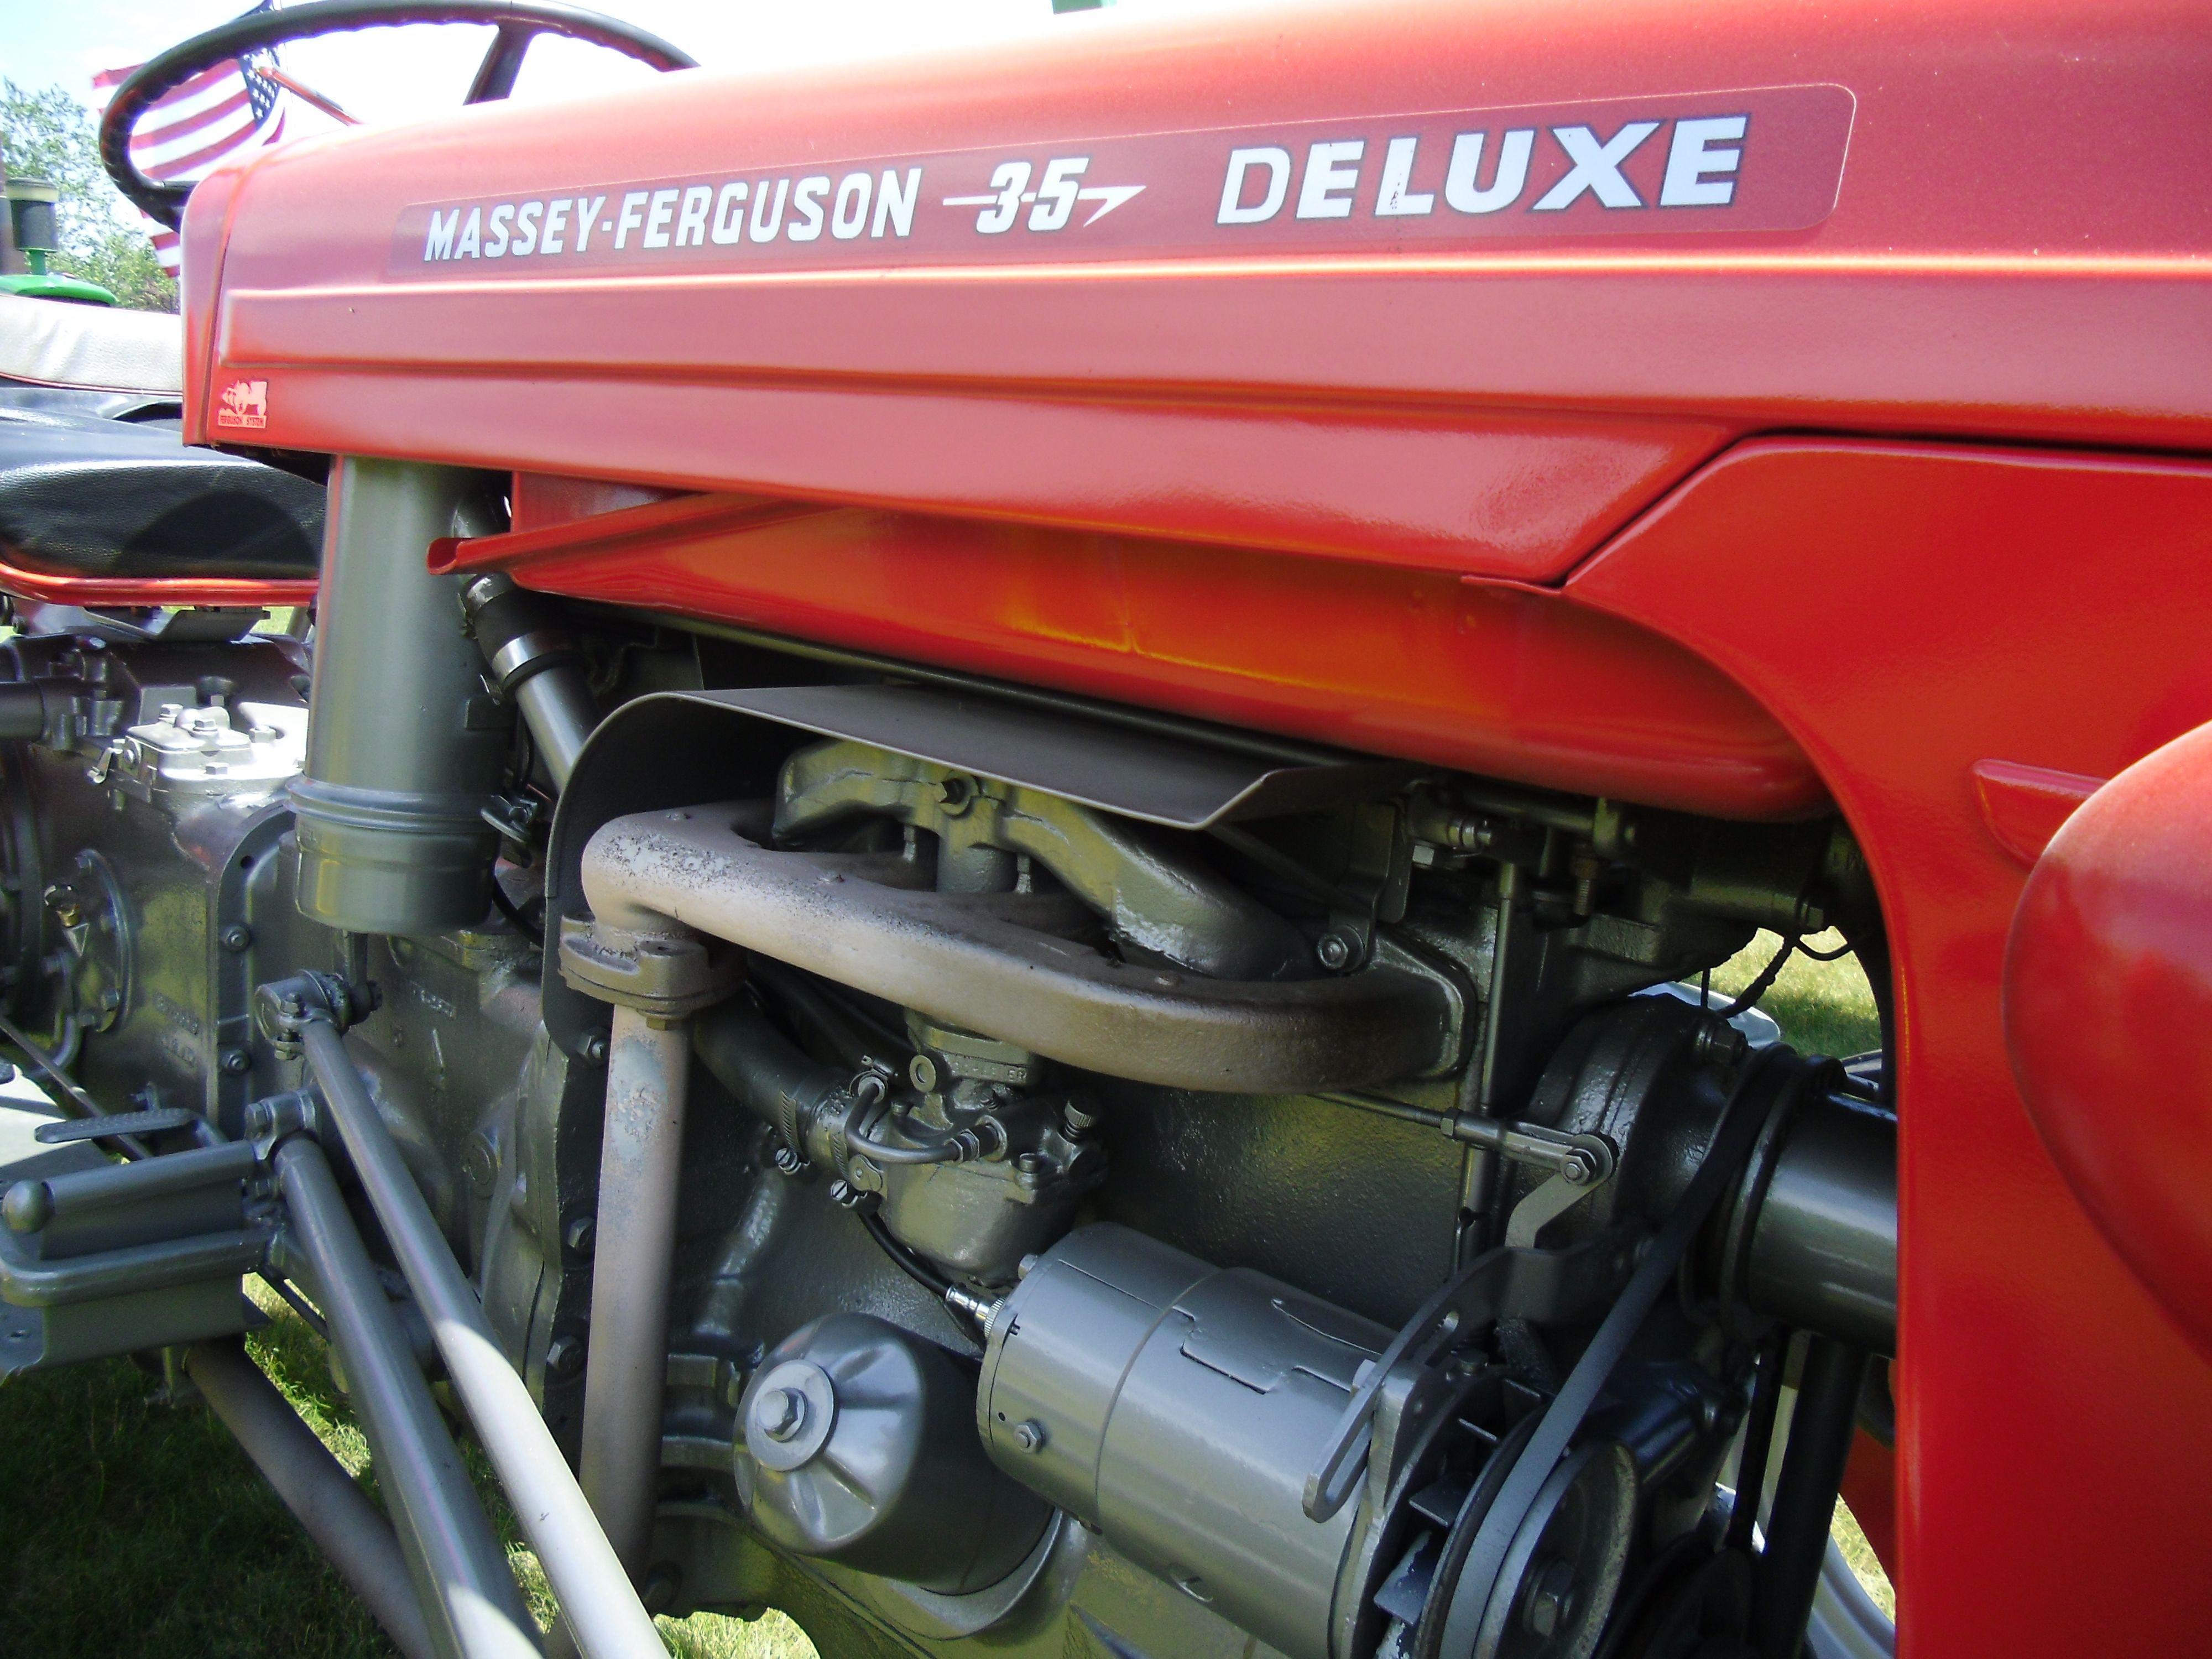 1961 Massey Ferguson 35 Diesel : Massey ferguson deluxe ford tractor pinterest